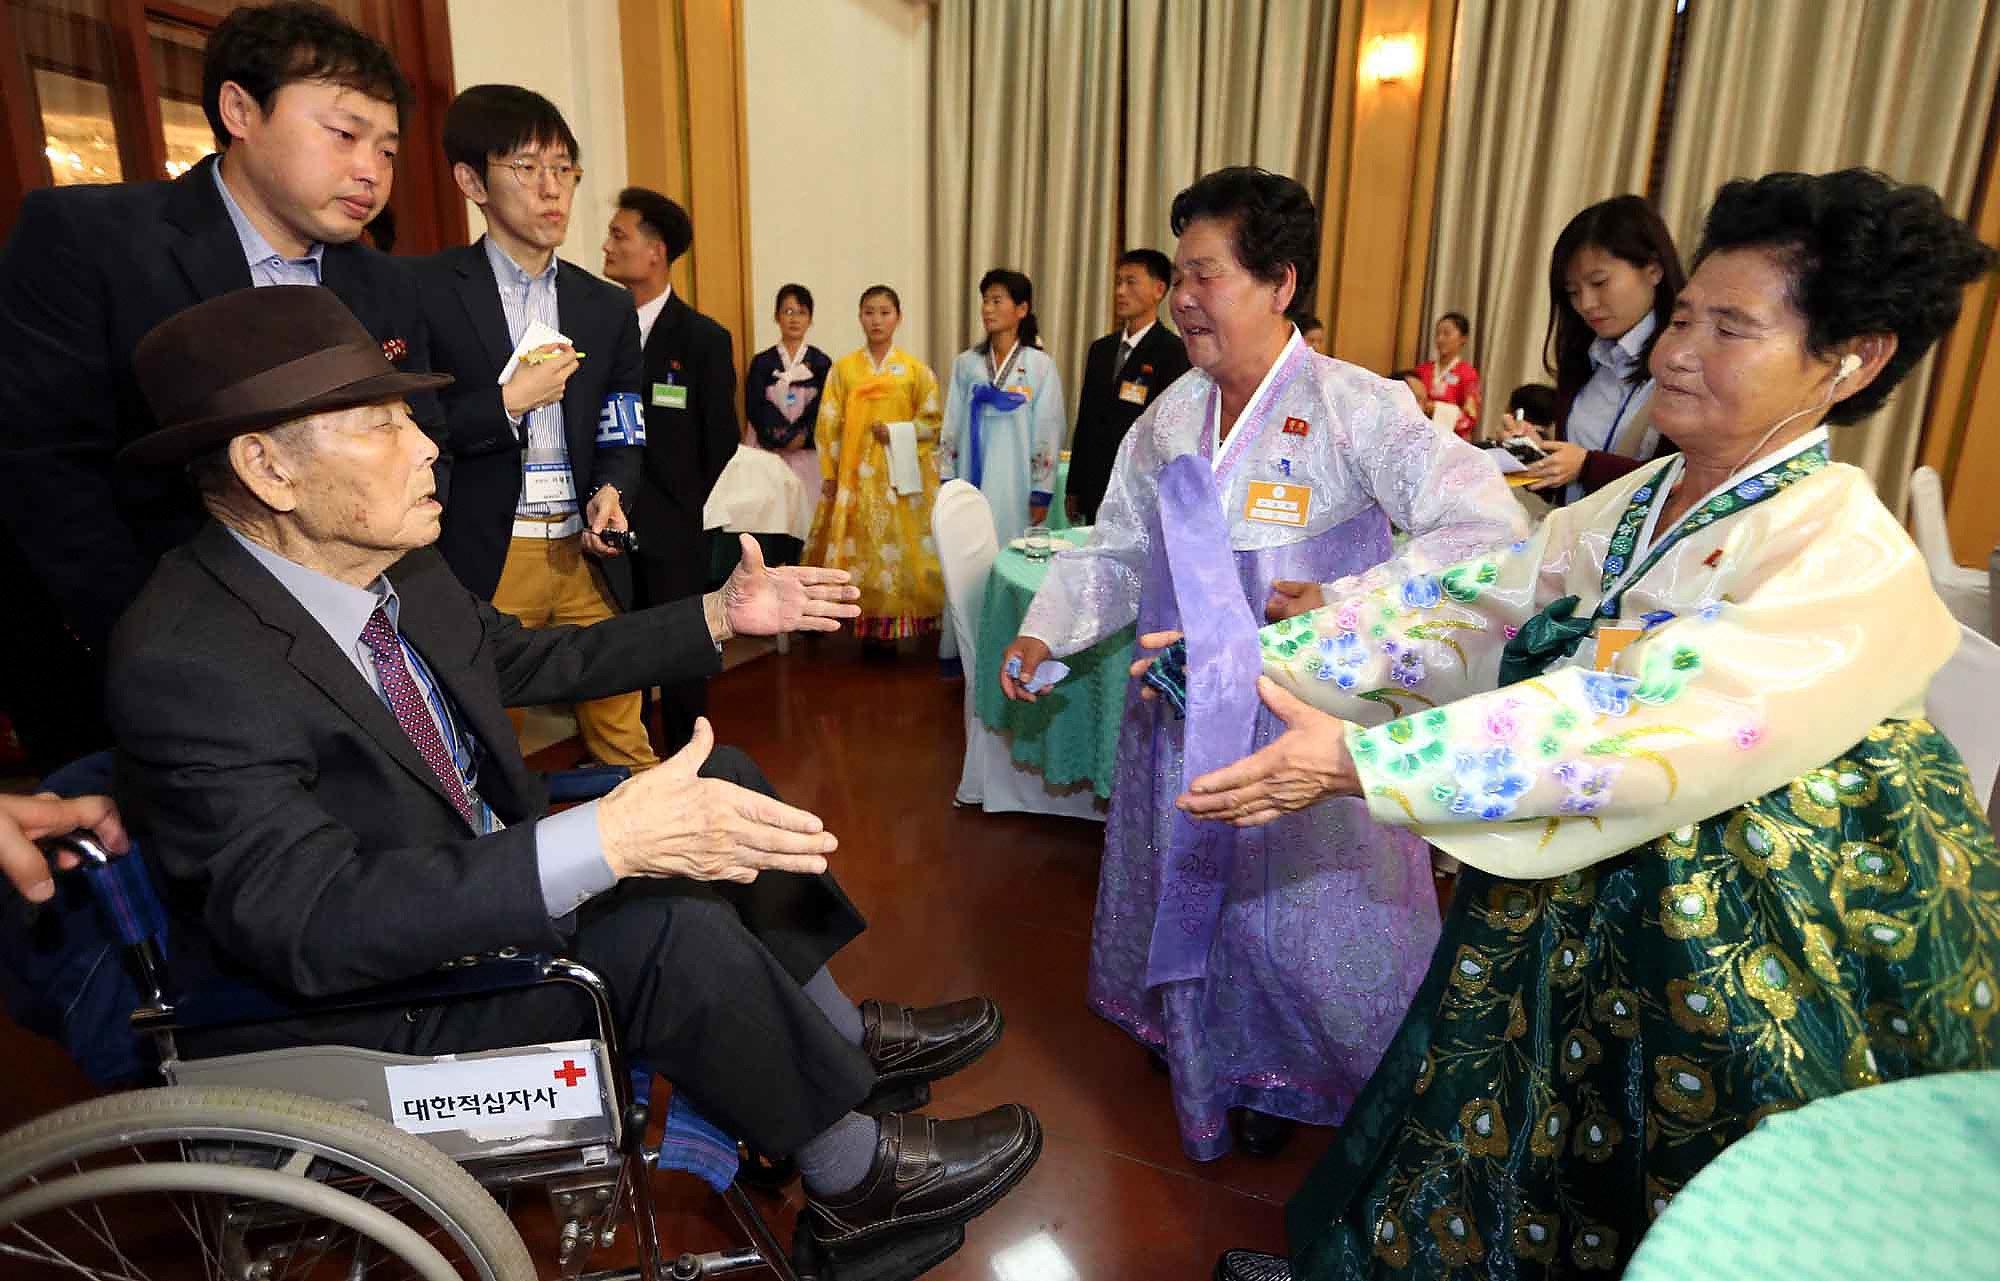 사진은 2015년 10월24일 진행된 이산가족 상봉 행사에서 구상연(98, 왼쪽)씨가 북한에 있는 딸 구송옥(가운데), 구선옥(오른쪽)과 상봉하는 모습.